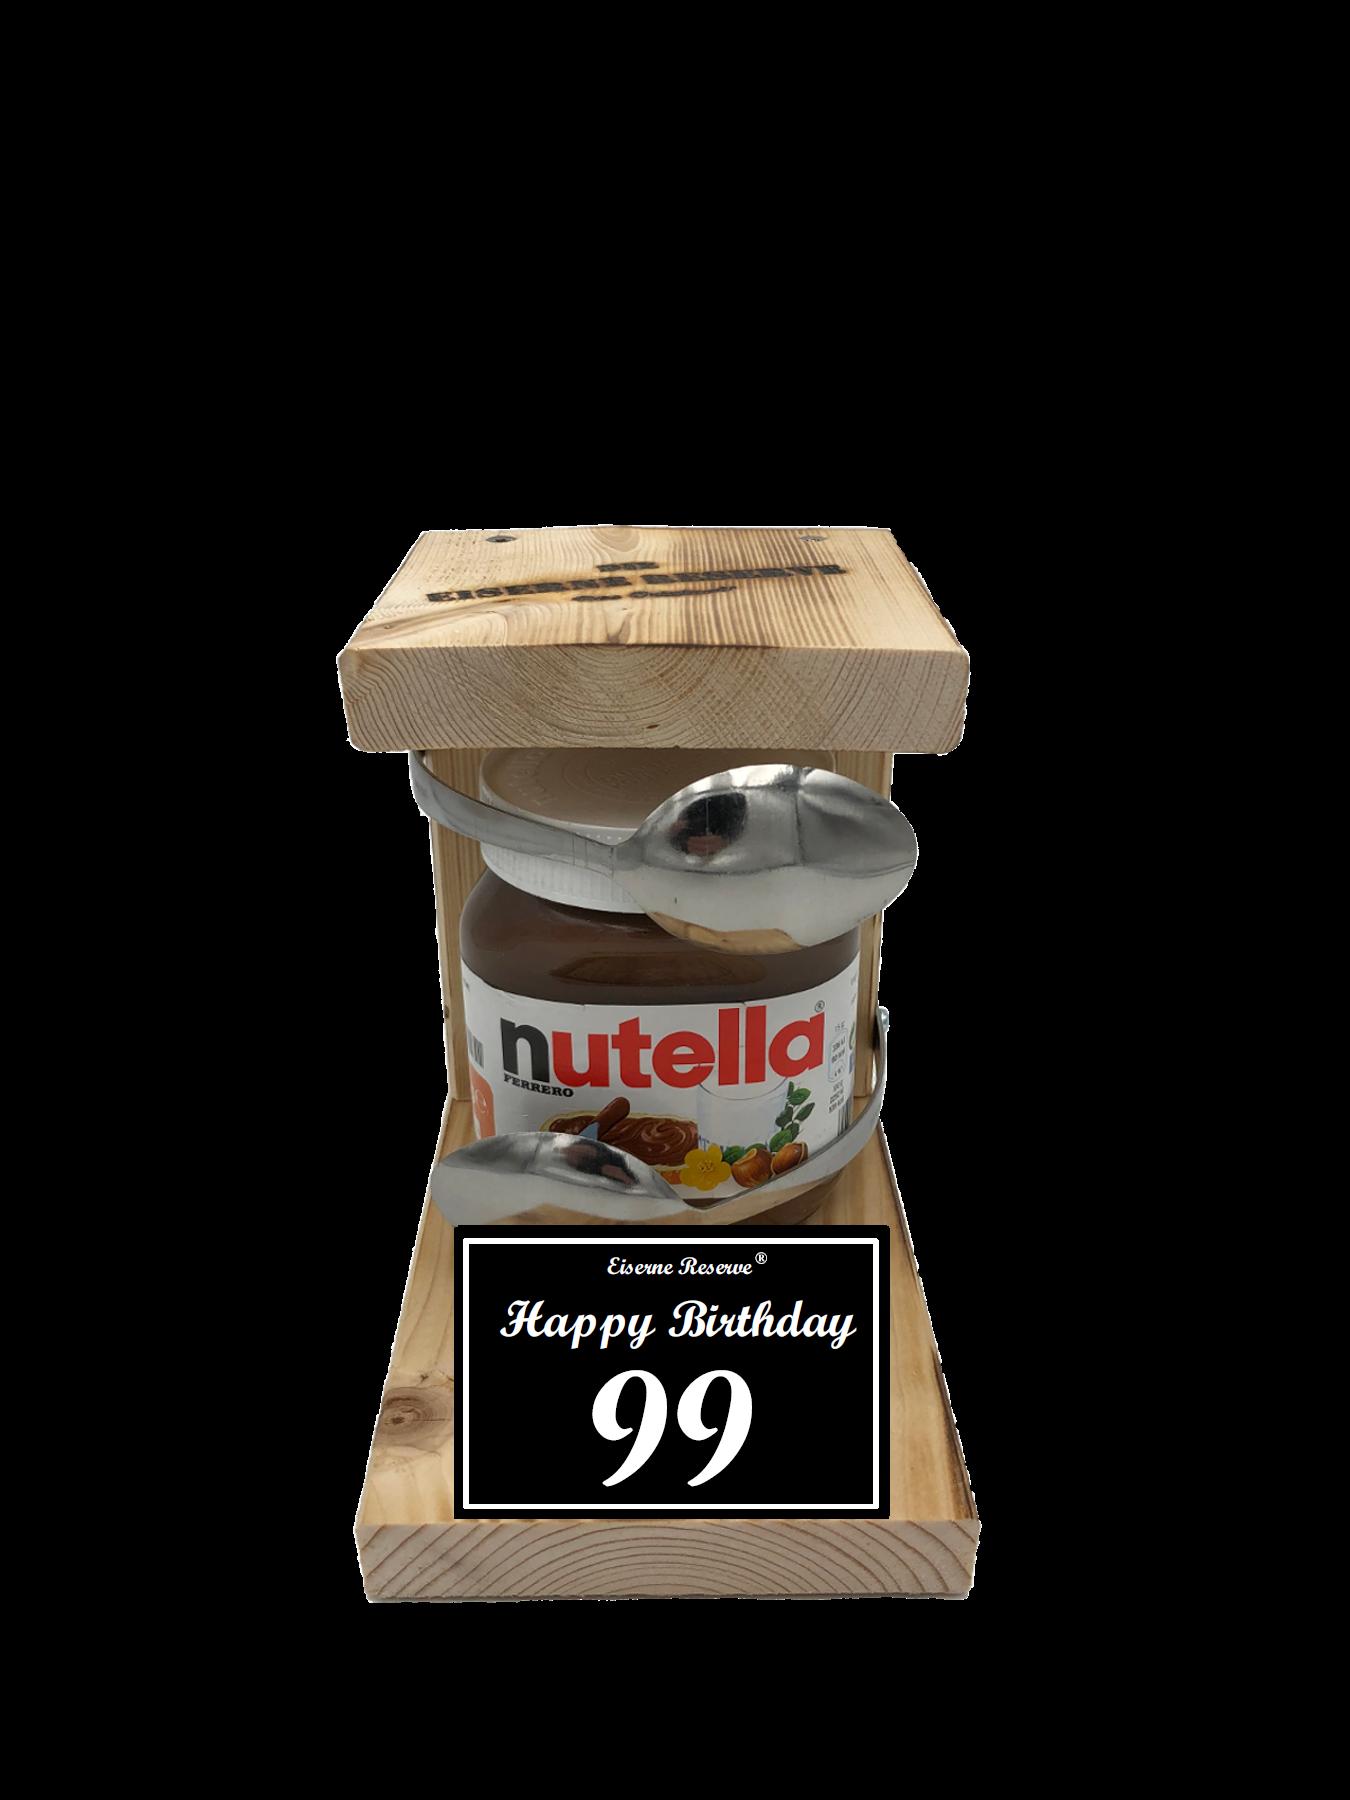 99 Happy Birthday Löffel Nutella Geschenk - Die Nutella Geschenkidee